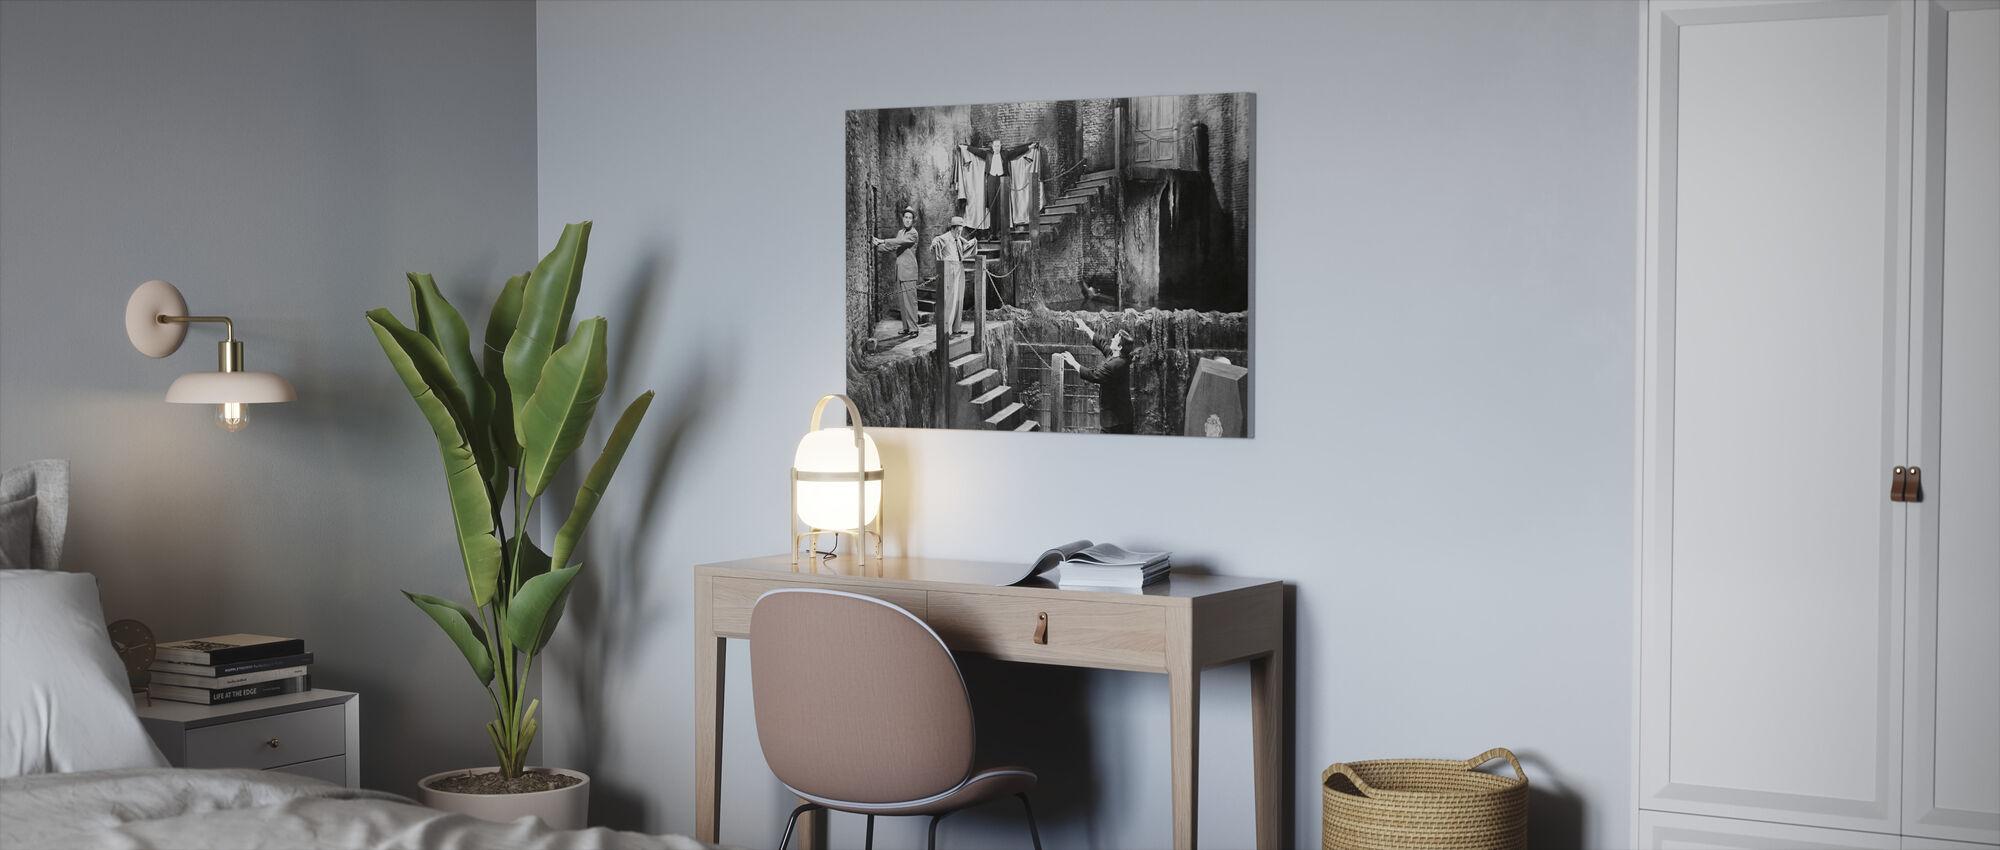 Frankenstein - Canvas print - Office